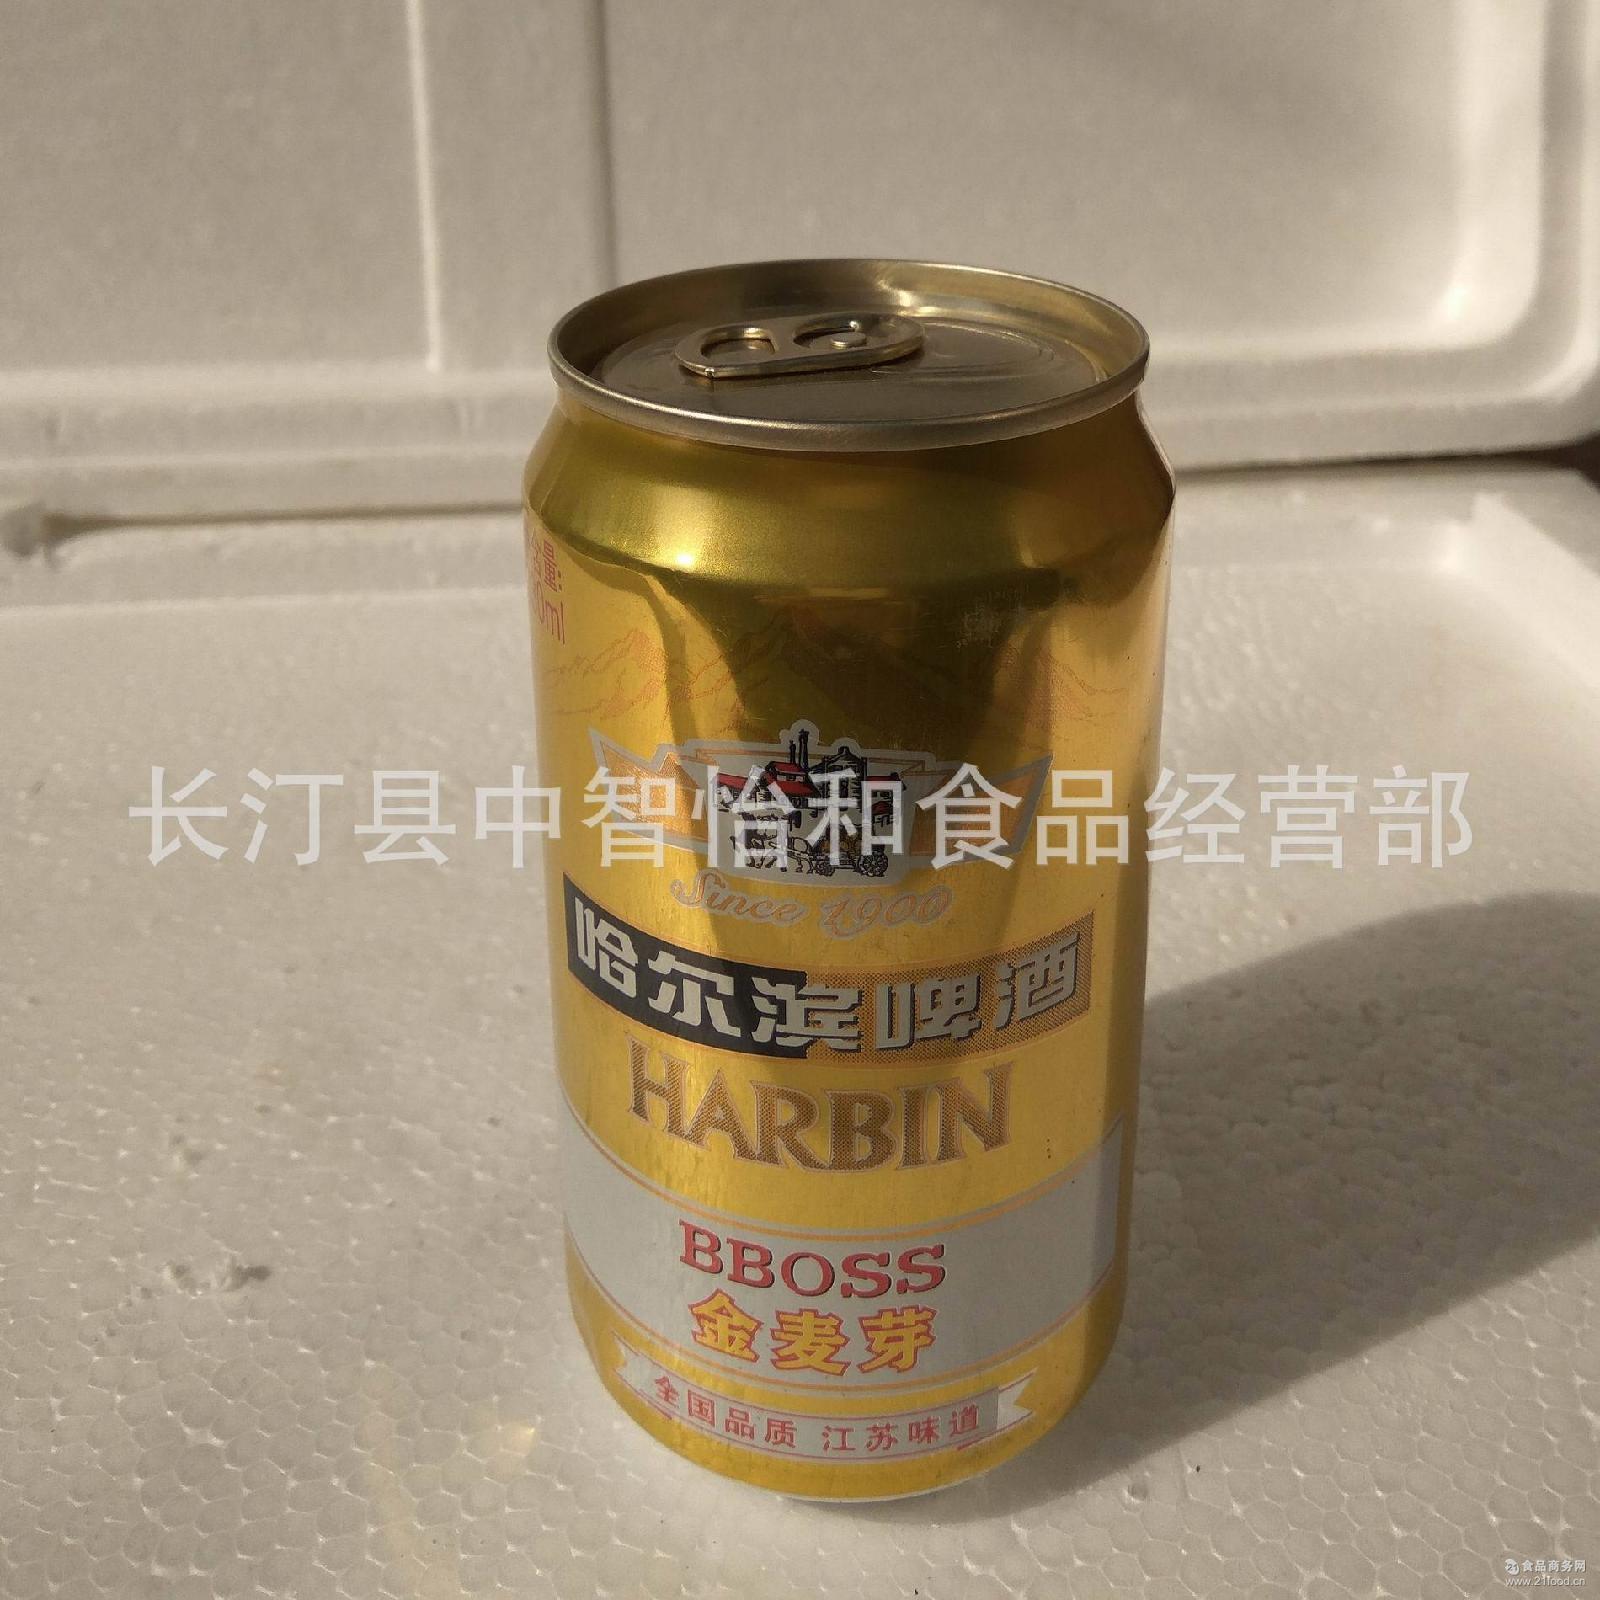 全国品质江苏味道 330ml 优级啤酒 哈尔滨啤酒金麦芽